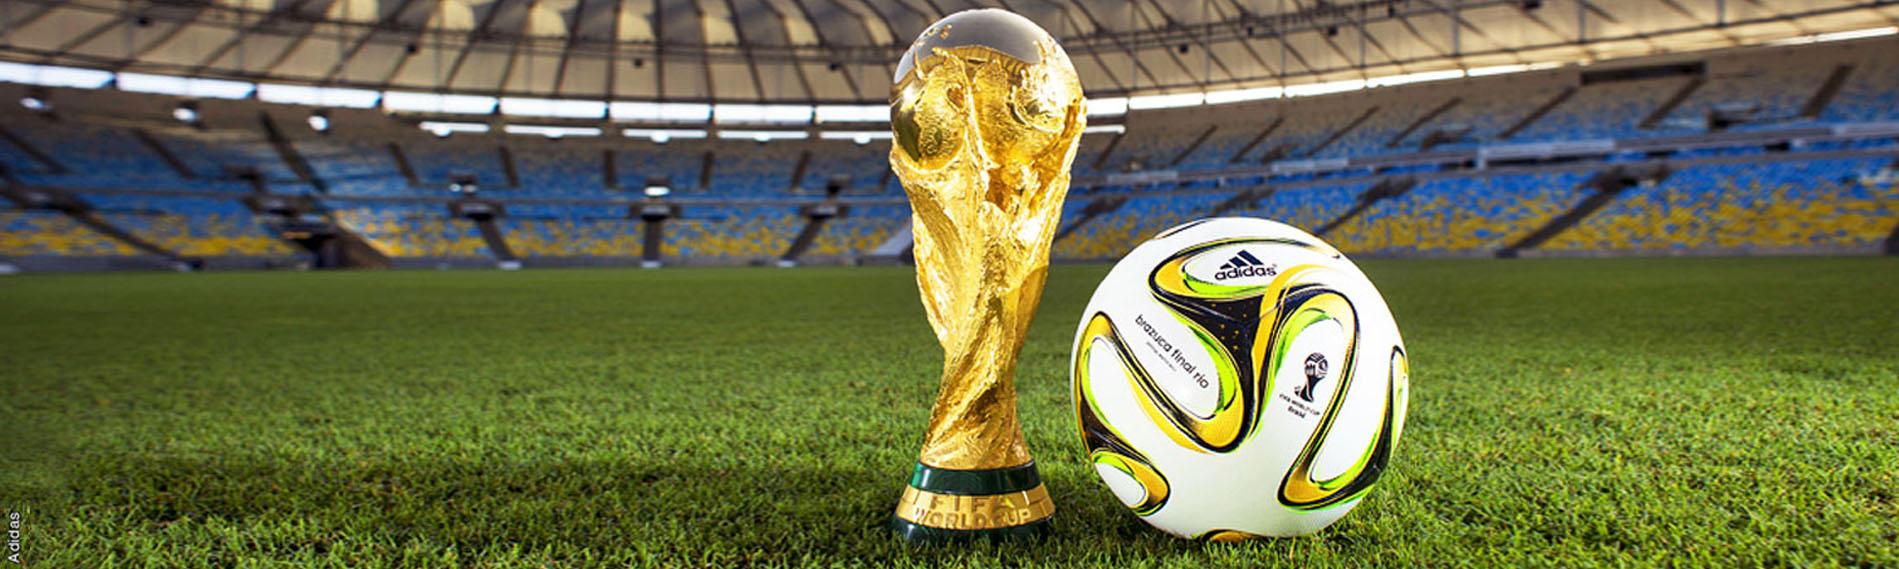 Uruguay tratará de superar lo hecho en Sudáfrica 2010